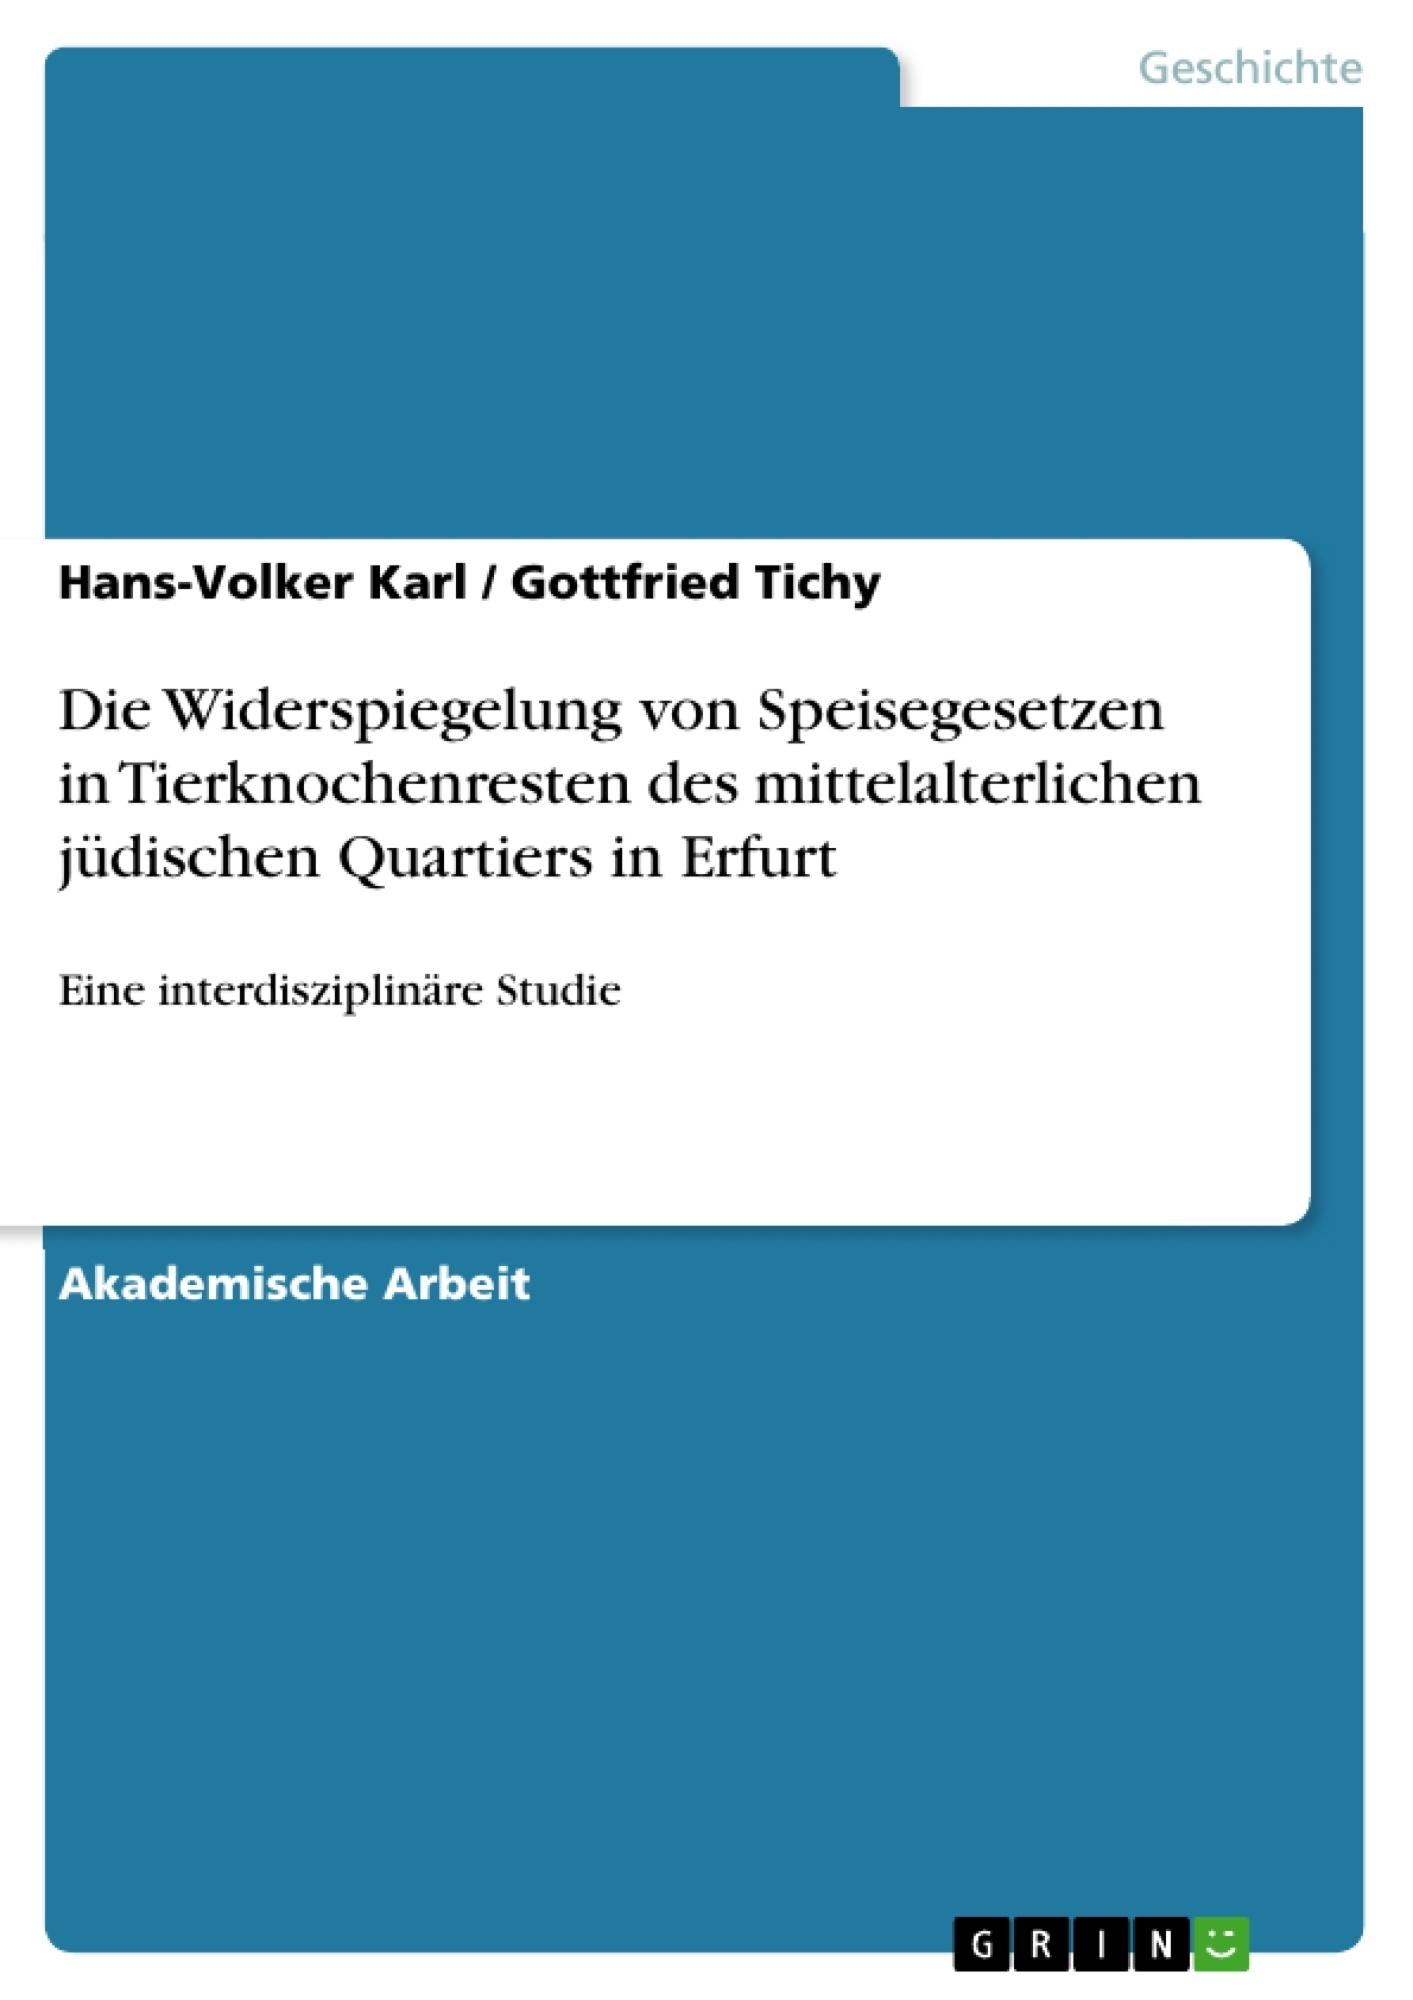 Titel: Die Widerspiegelung von Speisegesetzen in Tierknochenresten des mittelalterlichen jüdischen Quartiers in Erfurt